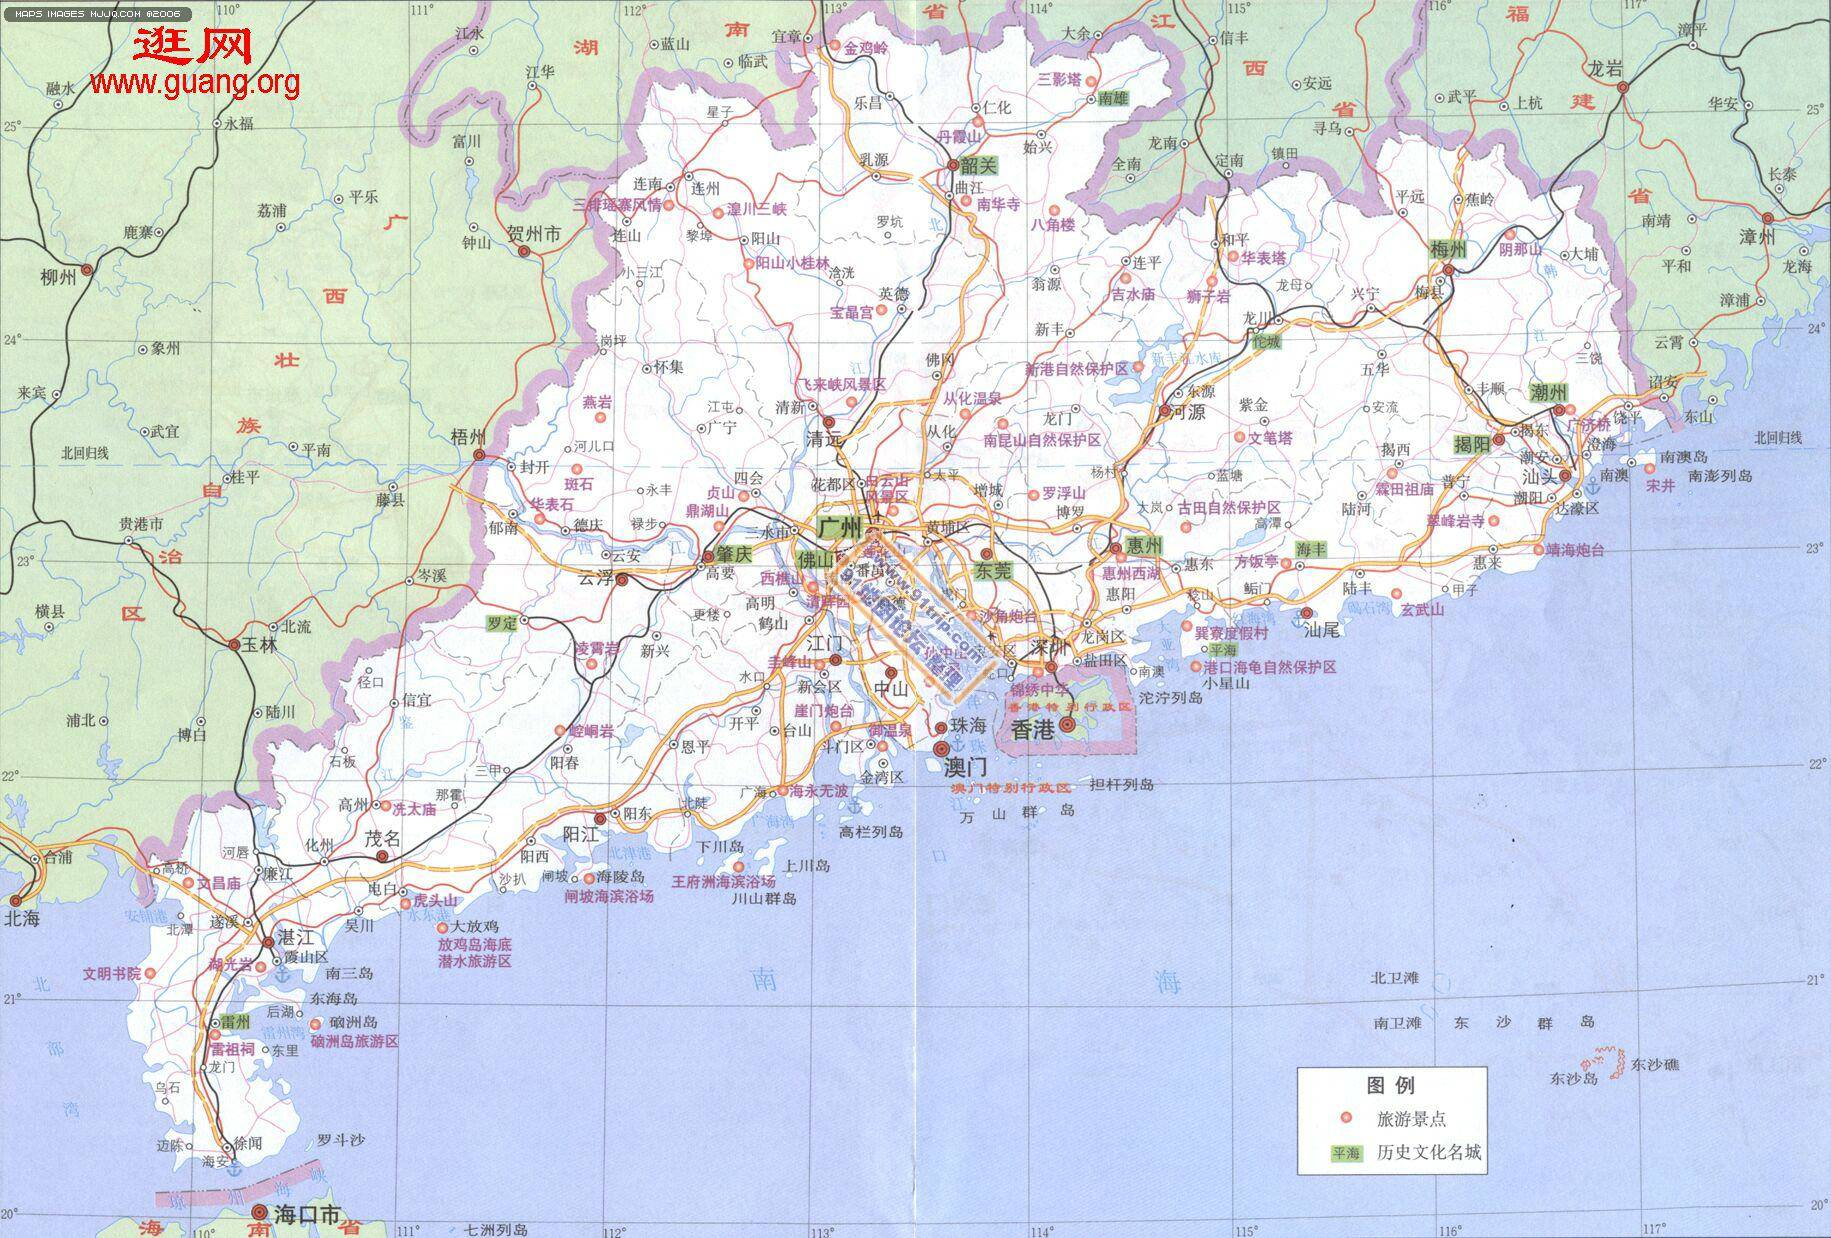 地图 广东 湛江 地图 广东 肇庆 地图 广东 潮州 地图